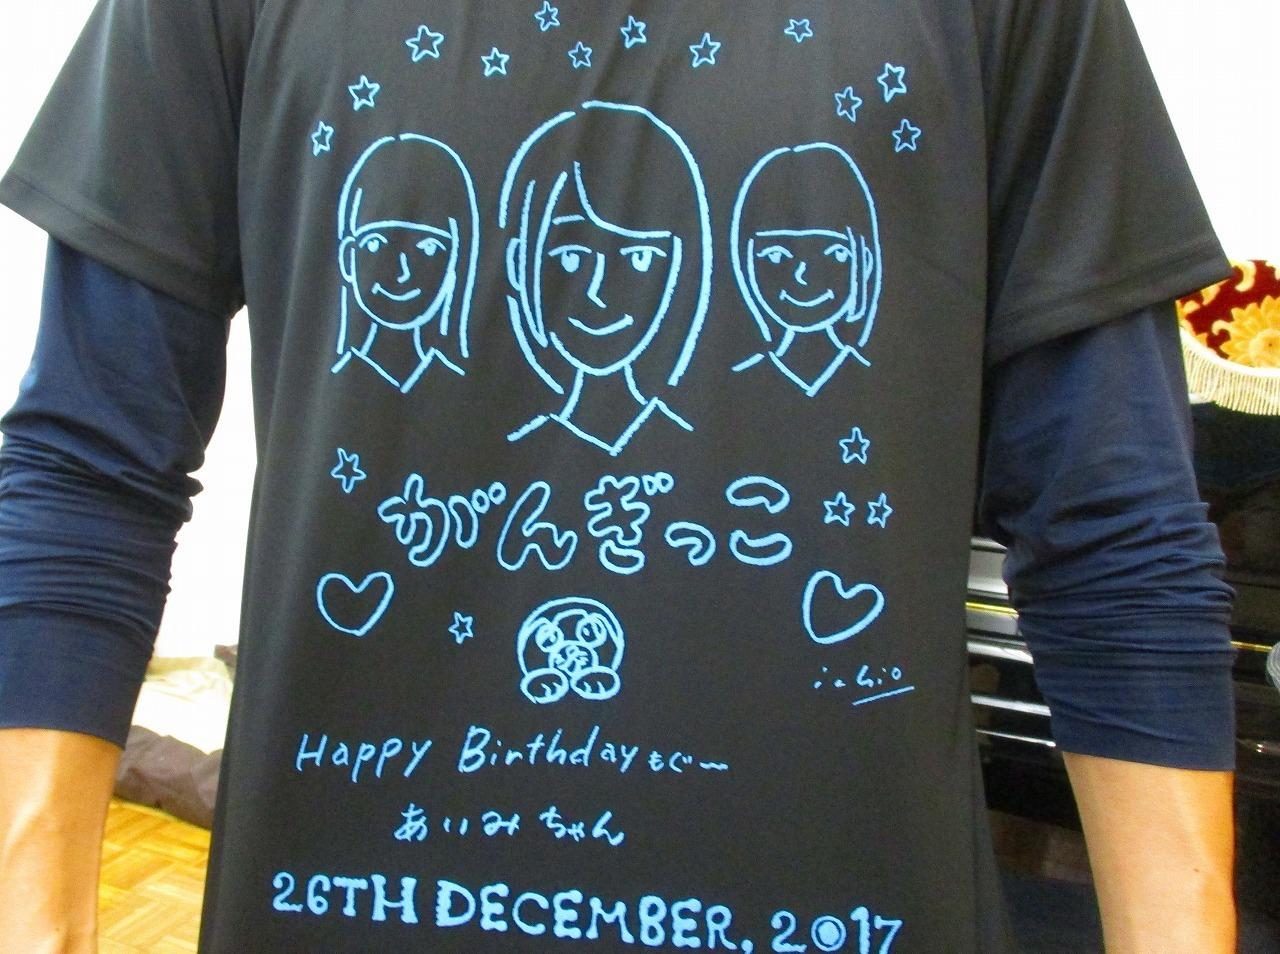 がんぎっこデータ生誕Tシャツ2017/2018_b0163804_19163013.jpg